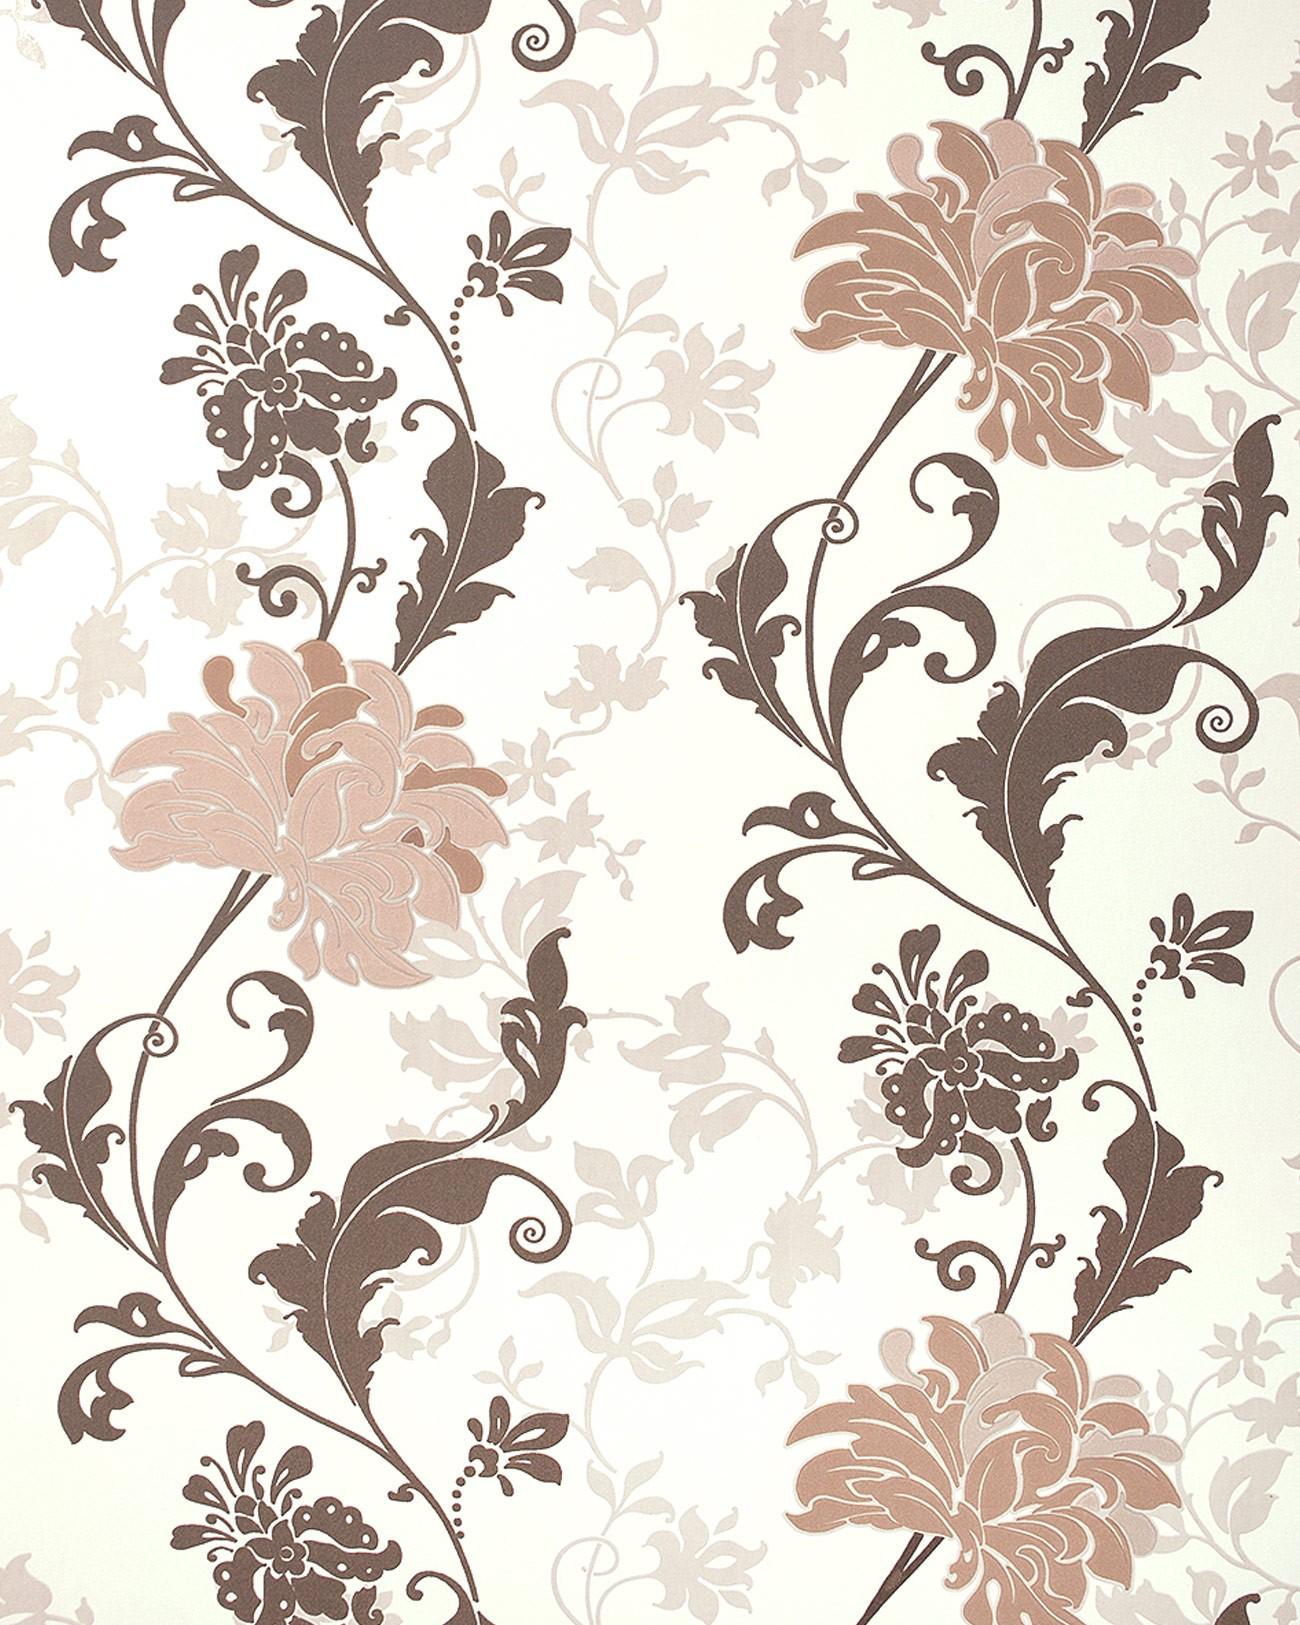 Hervorragend Blumen Tapete EDEM 833 23 Edles Florales Design Blüten Blätter Blumentapete Braun  Beige Hellbraun